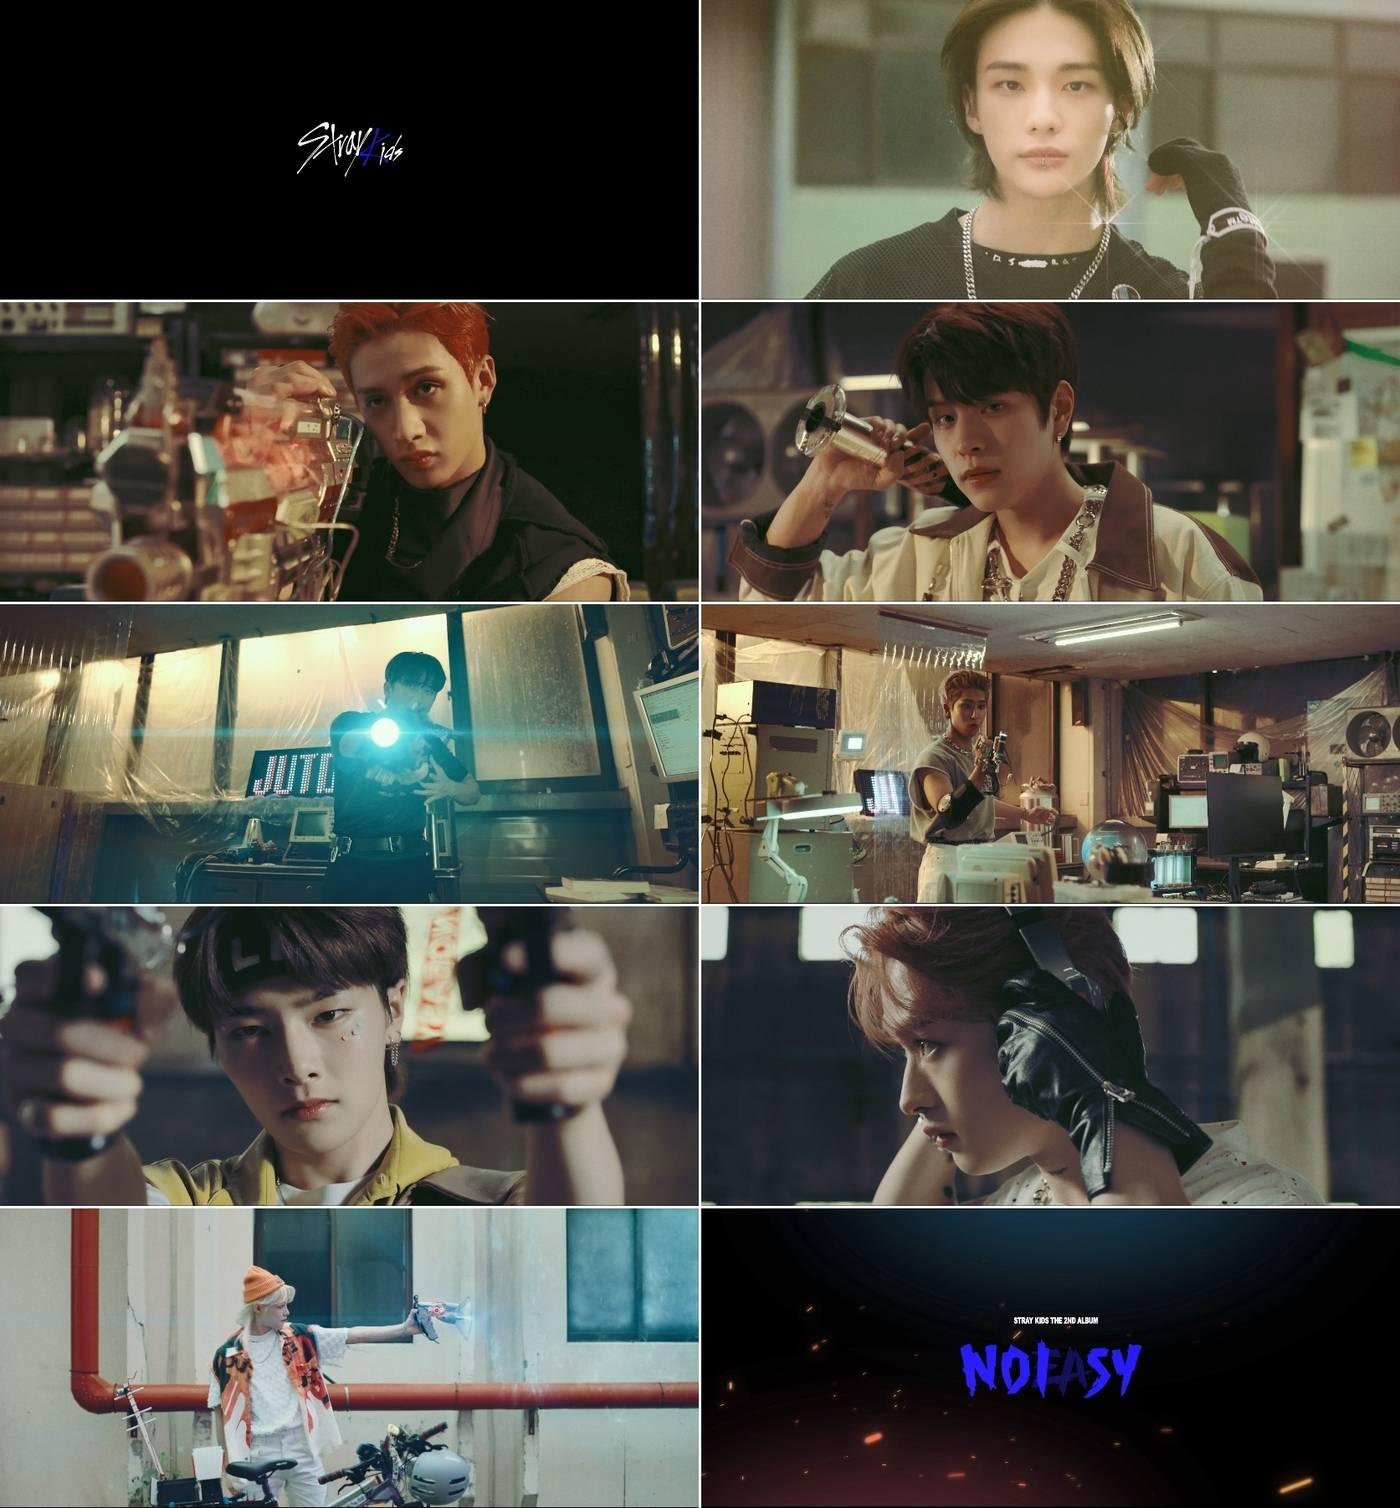 23일(월), 스트레이키즈(Stray Kids) 정규 앨범 2집 '노이지(NOEASY)' 발매 | 인스티즈